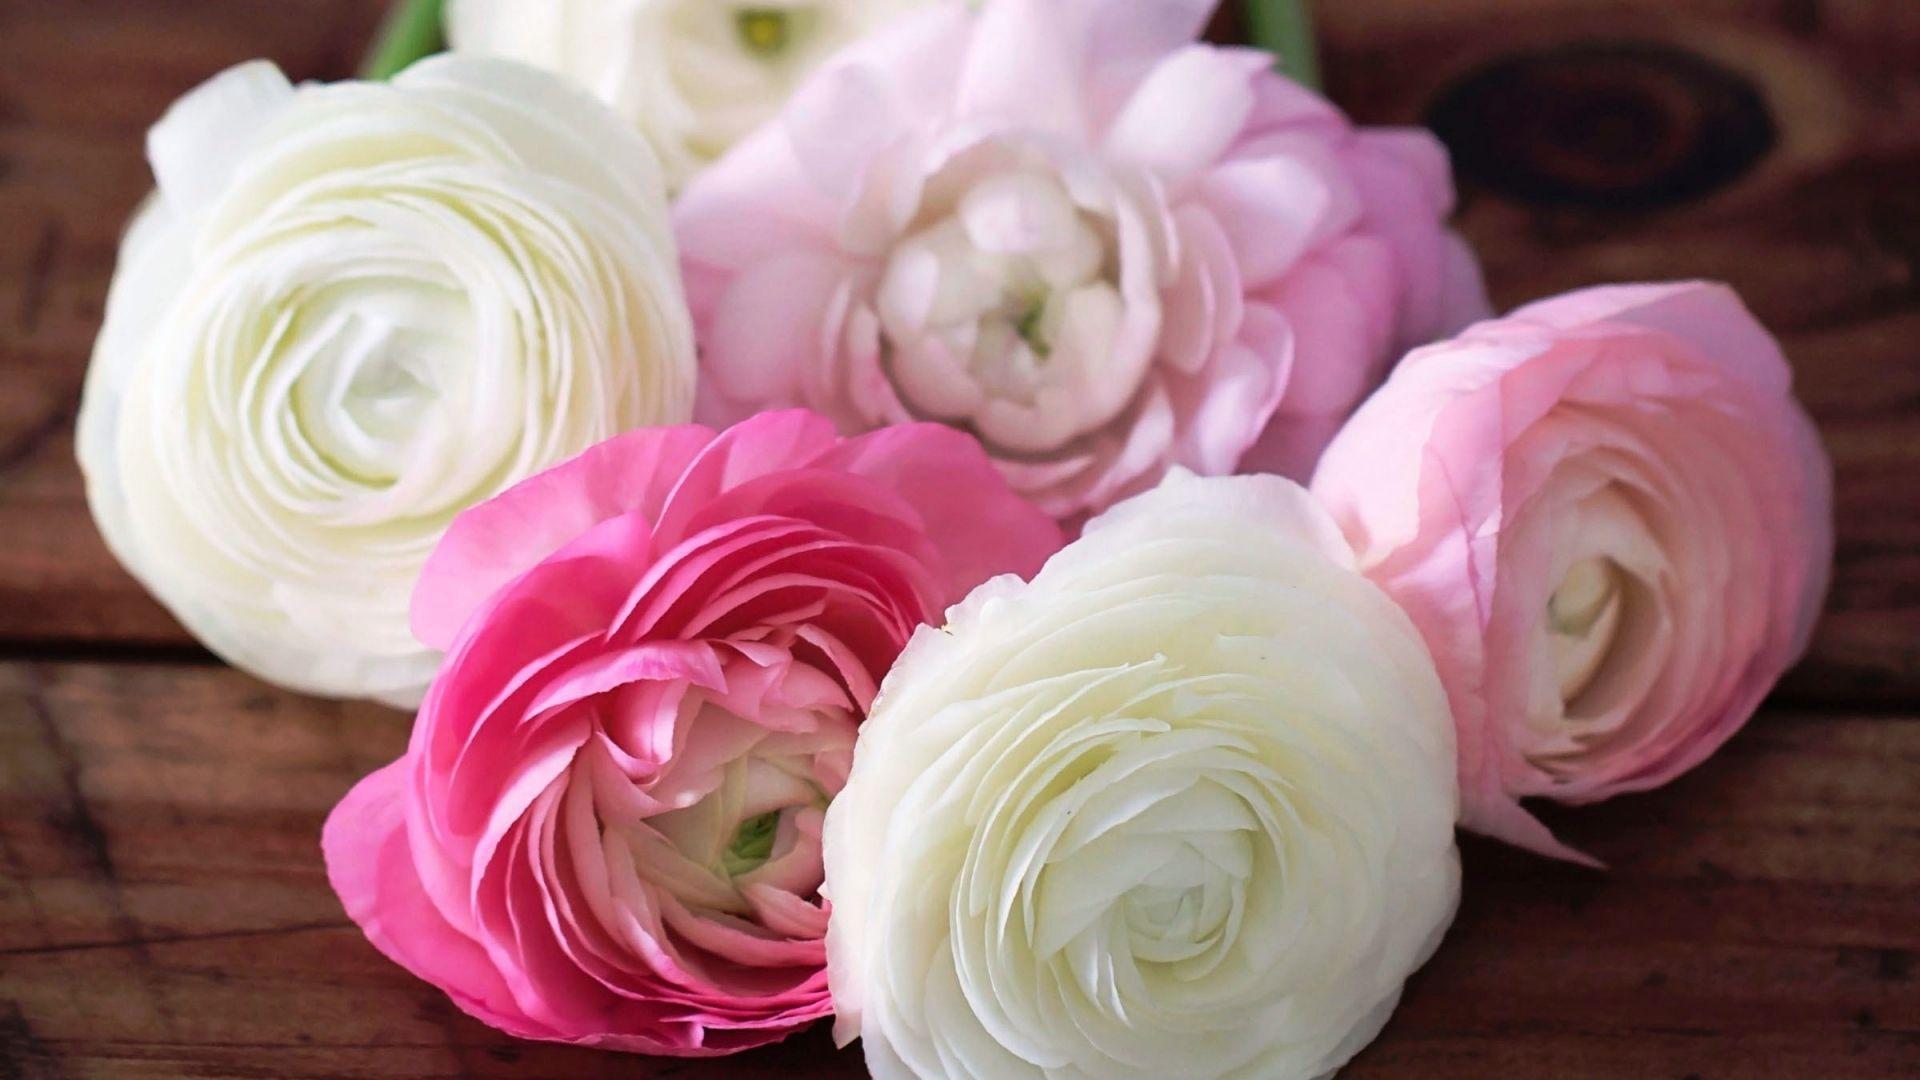 Ranunculus Flower Wallpaper Rose Flower Wallpaper Flower